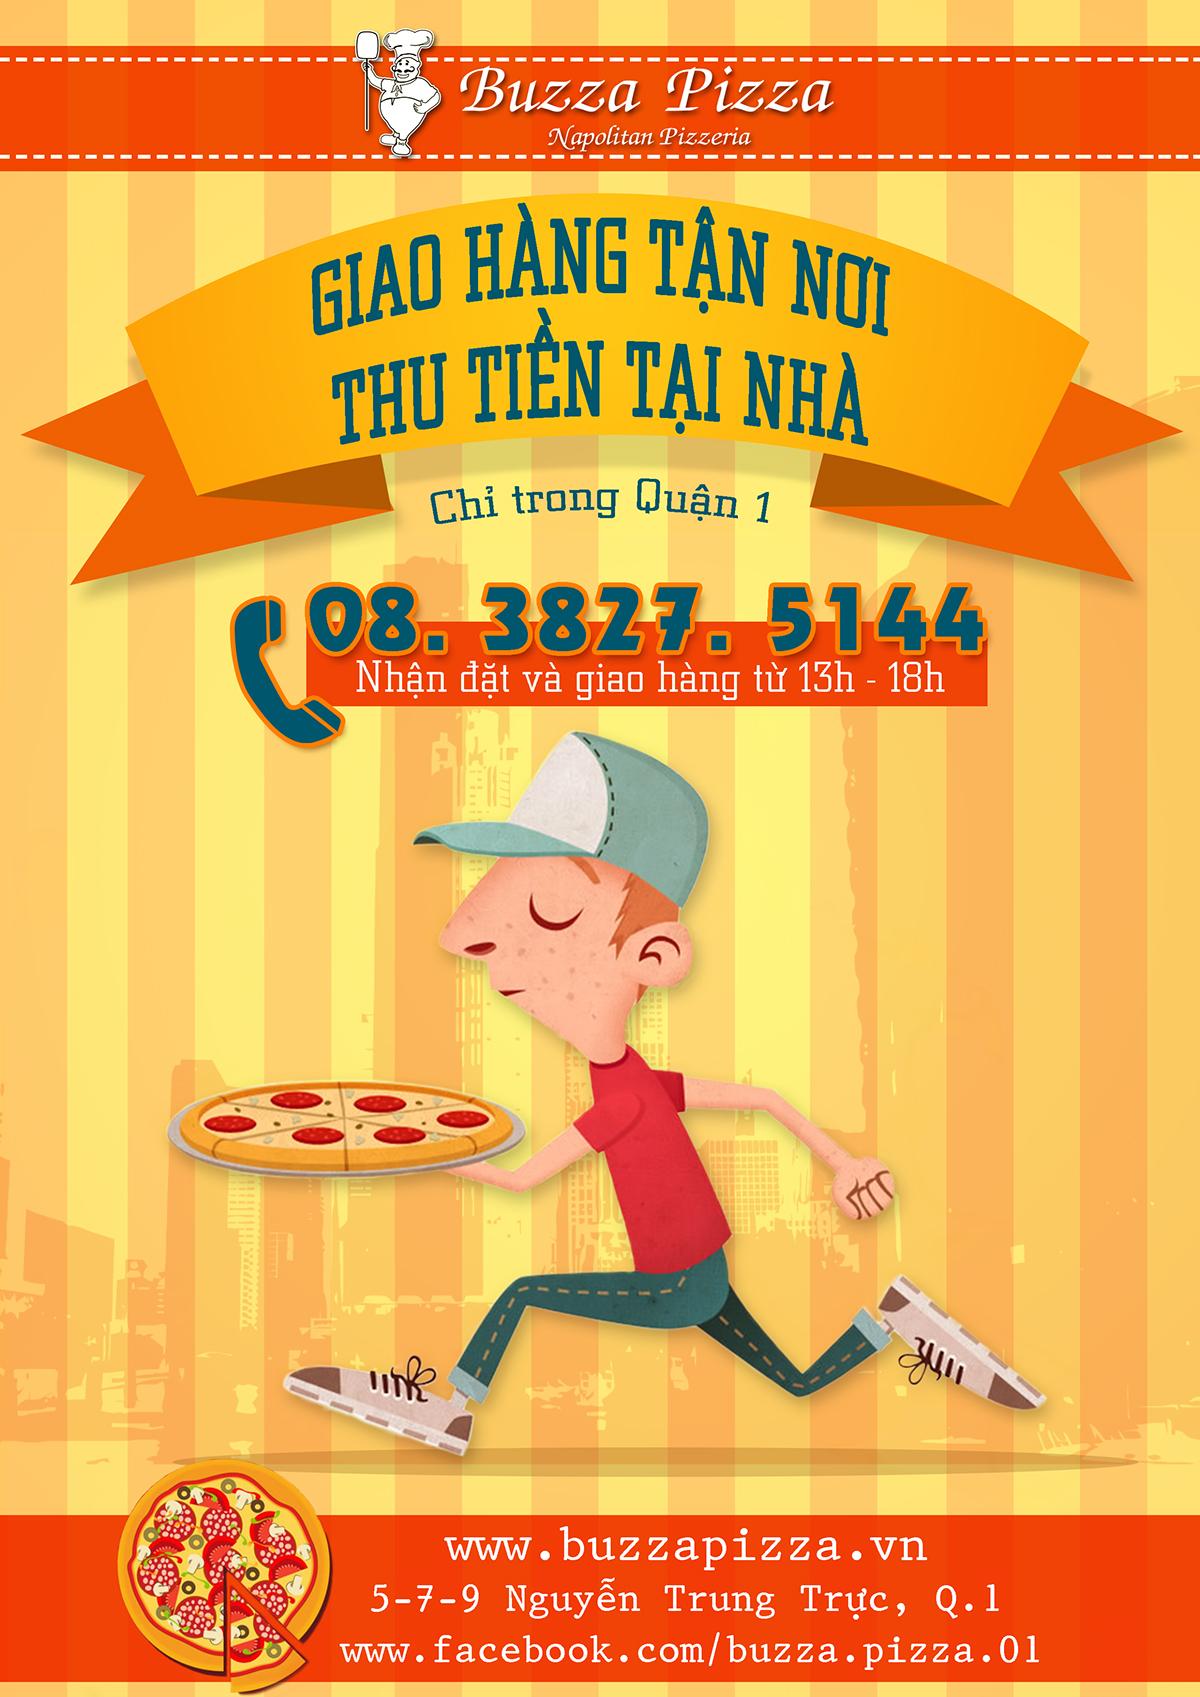 design Buzza Pizza